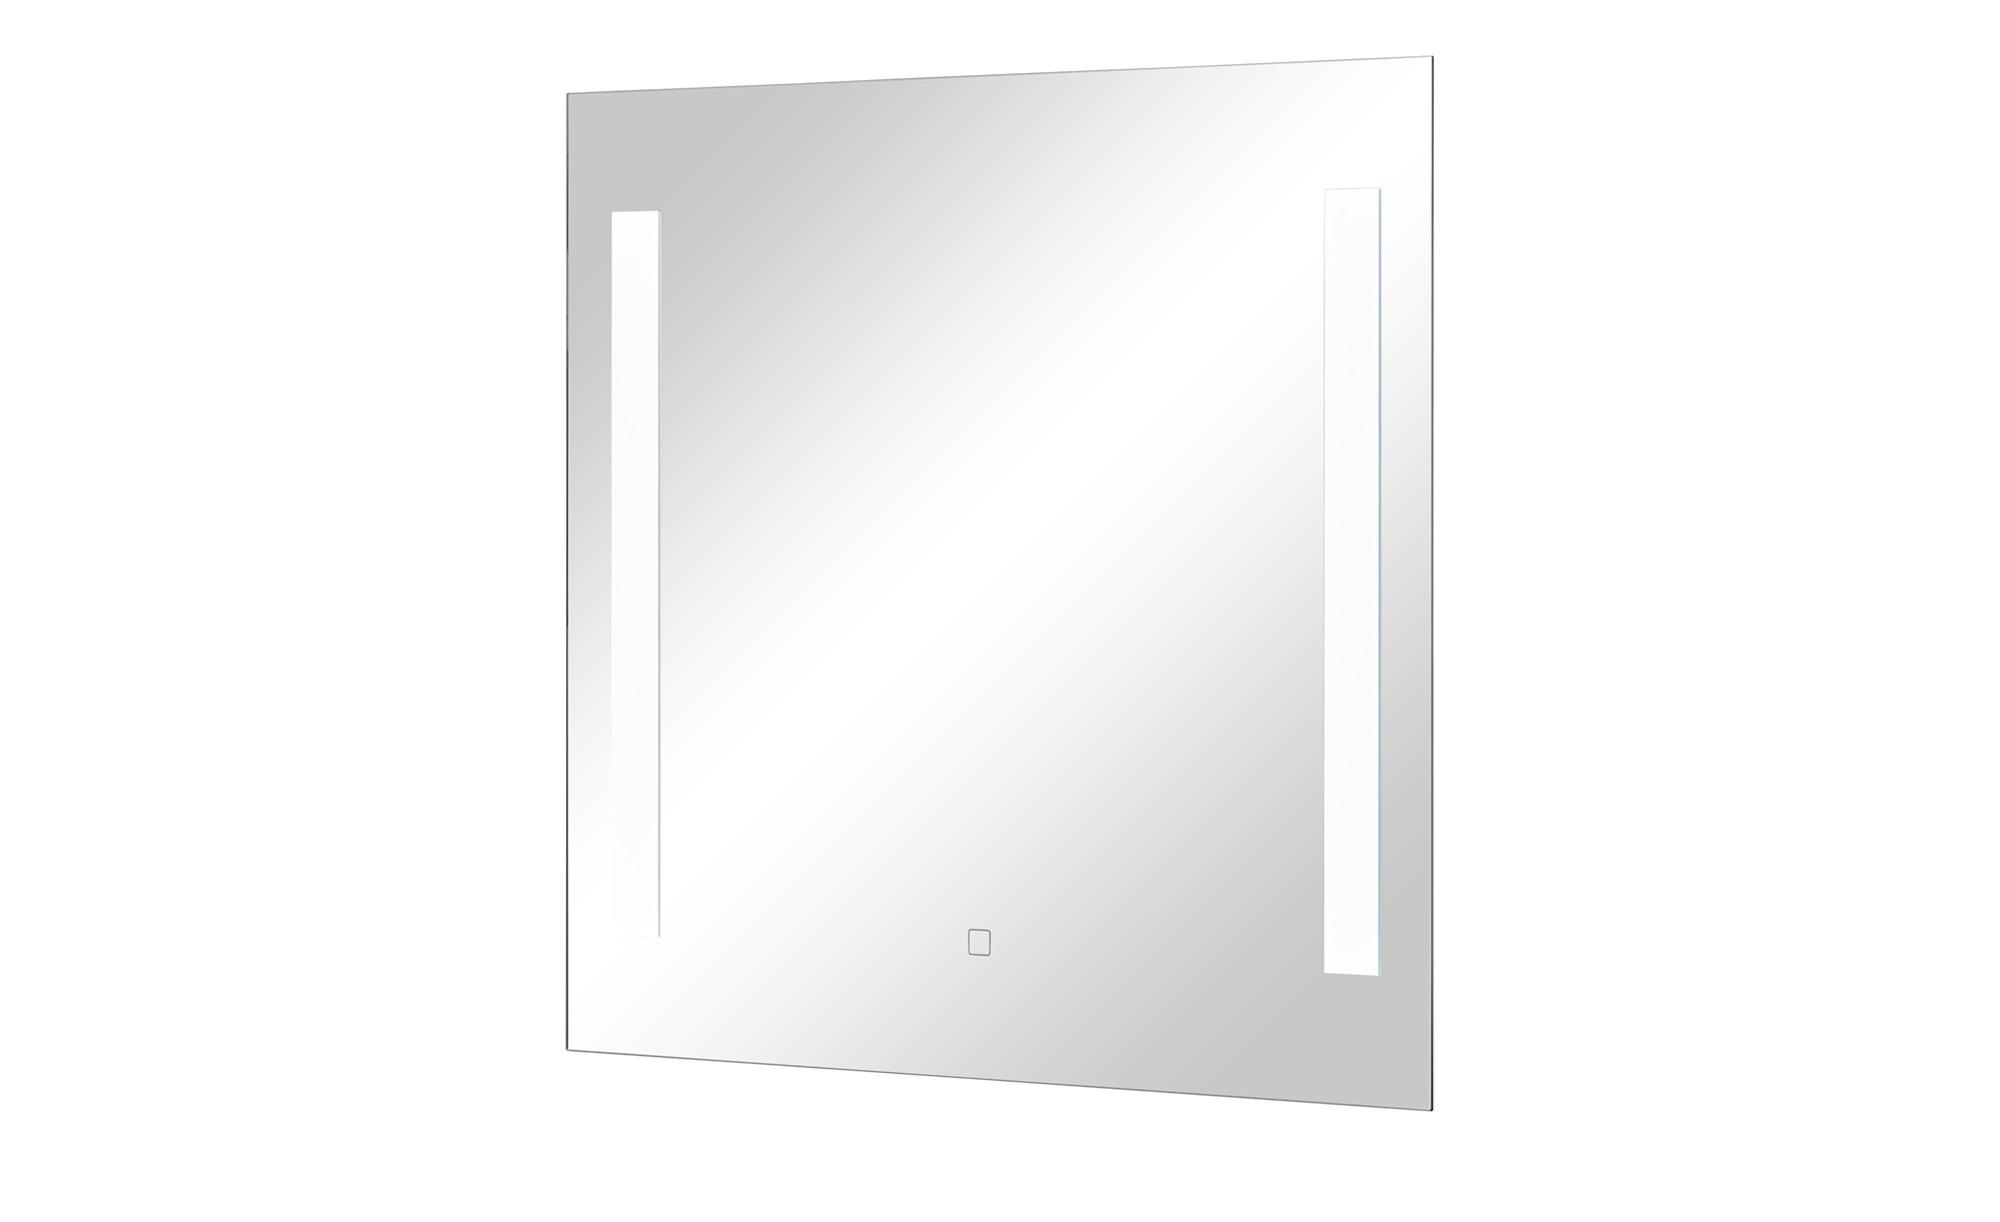 LED-Badspiegel - verspiegelt - 70 cm - 70 cm - 3 cm - Badtextilien und Zubehör > Badaccessoires - Möbel Kraft   Bad > Spiegel fürs Bad   Sconto